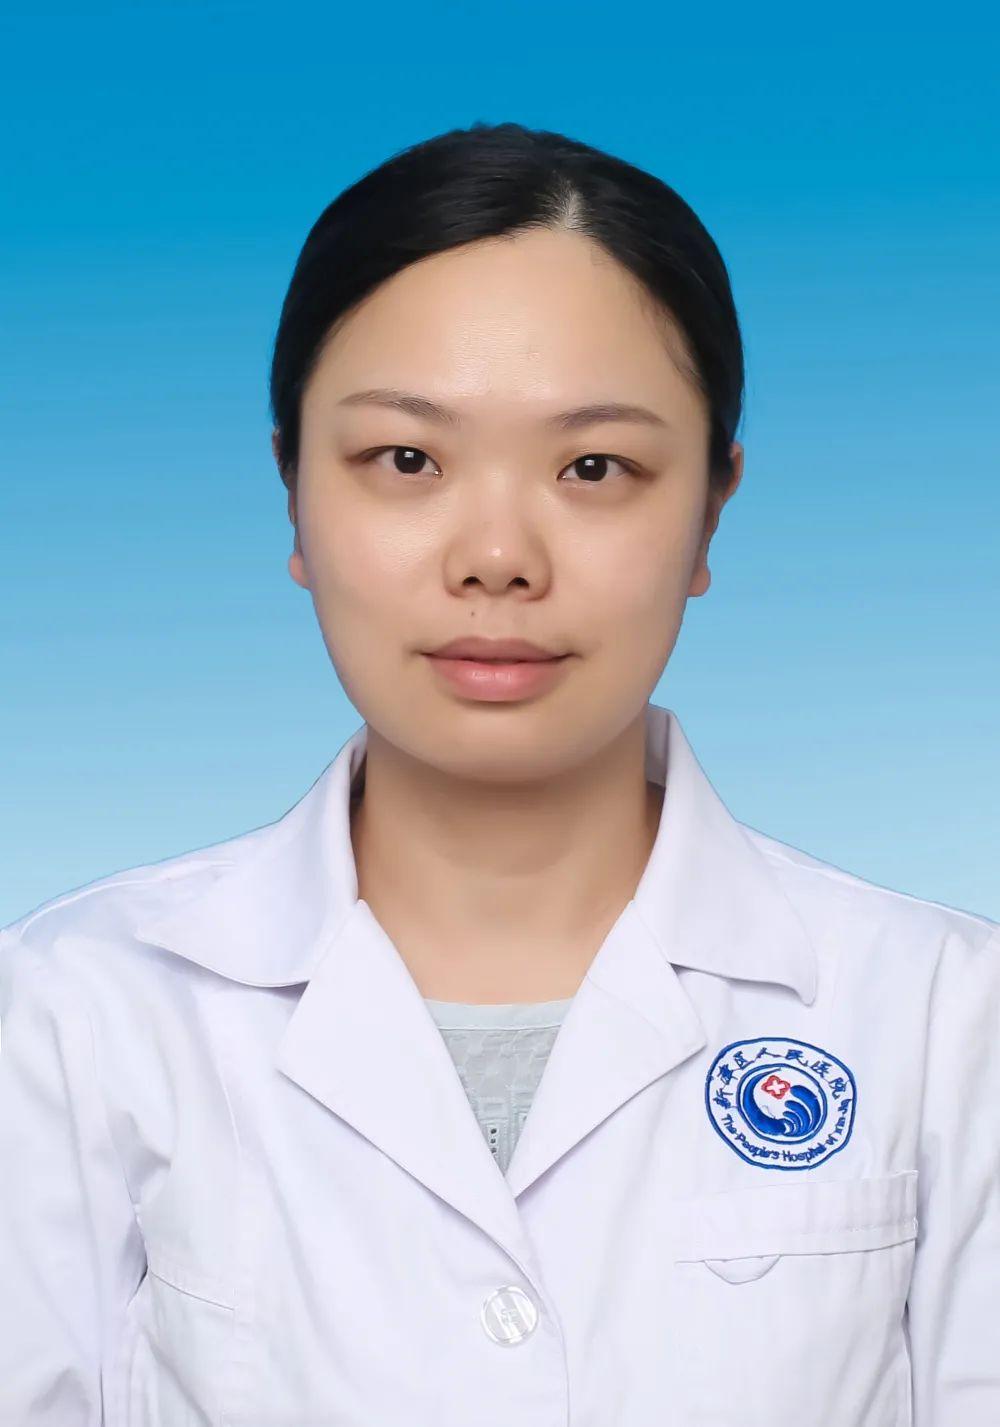 成都市新津区人民医院中医科研零突破,科研论文首上 SCI 期刊